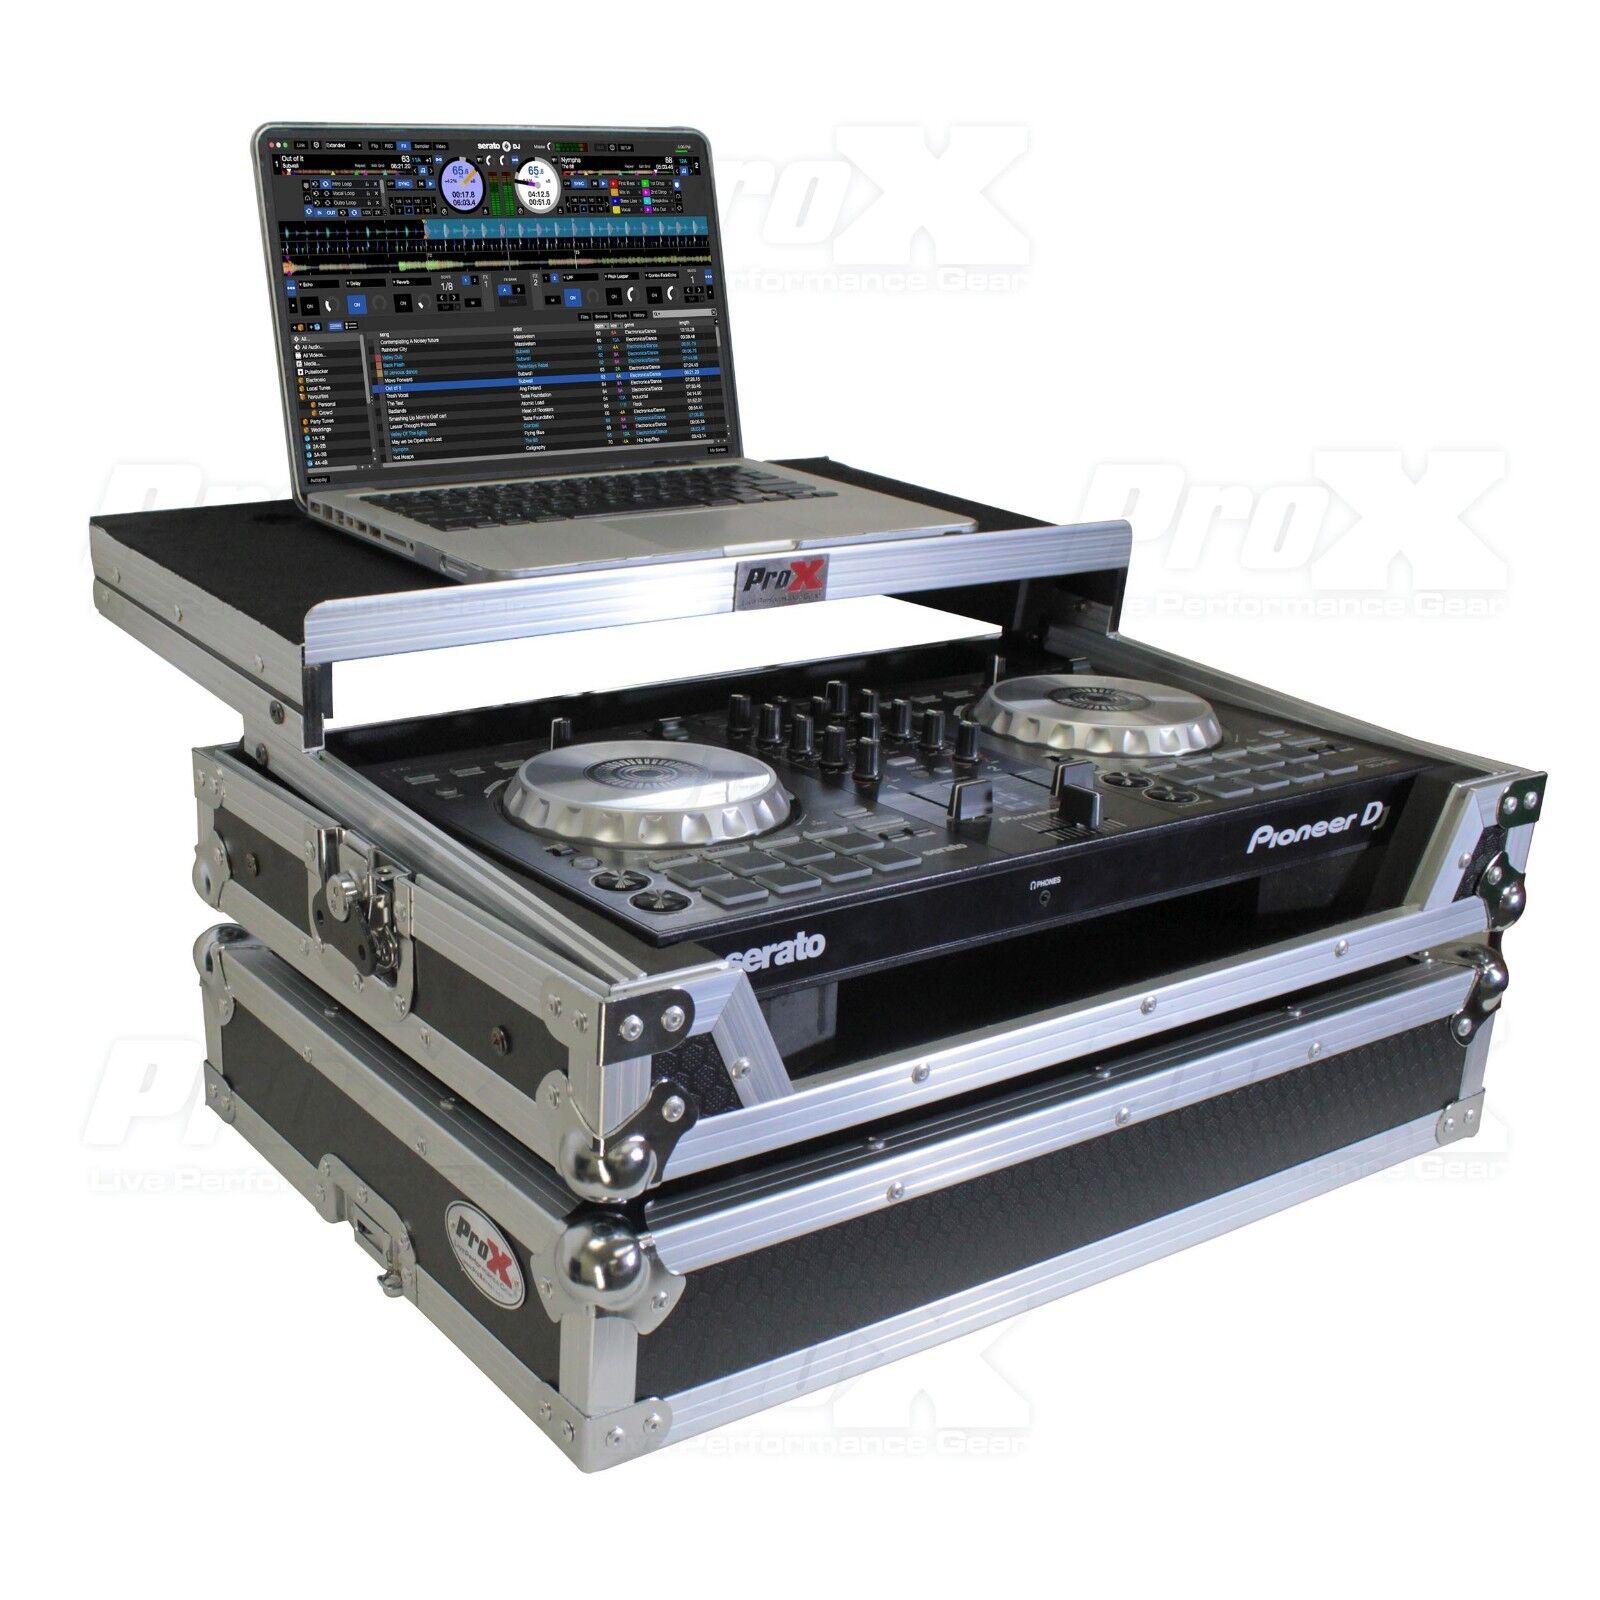 ProX X-DDJSB3LT Pioneer DJ DDJ-SB3, DDJ-400, DDJ-RB Flight Case W Sliding Shelf